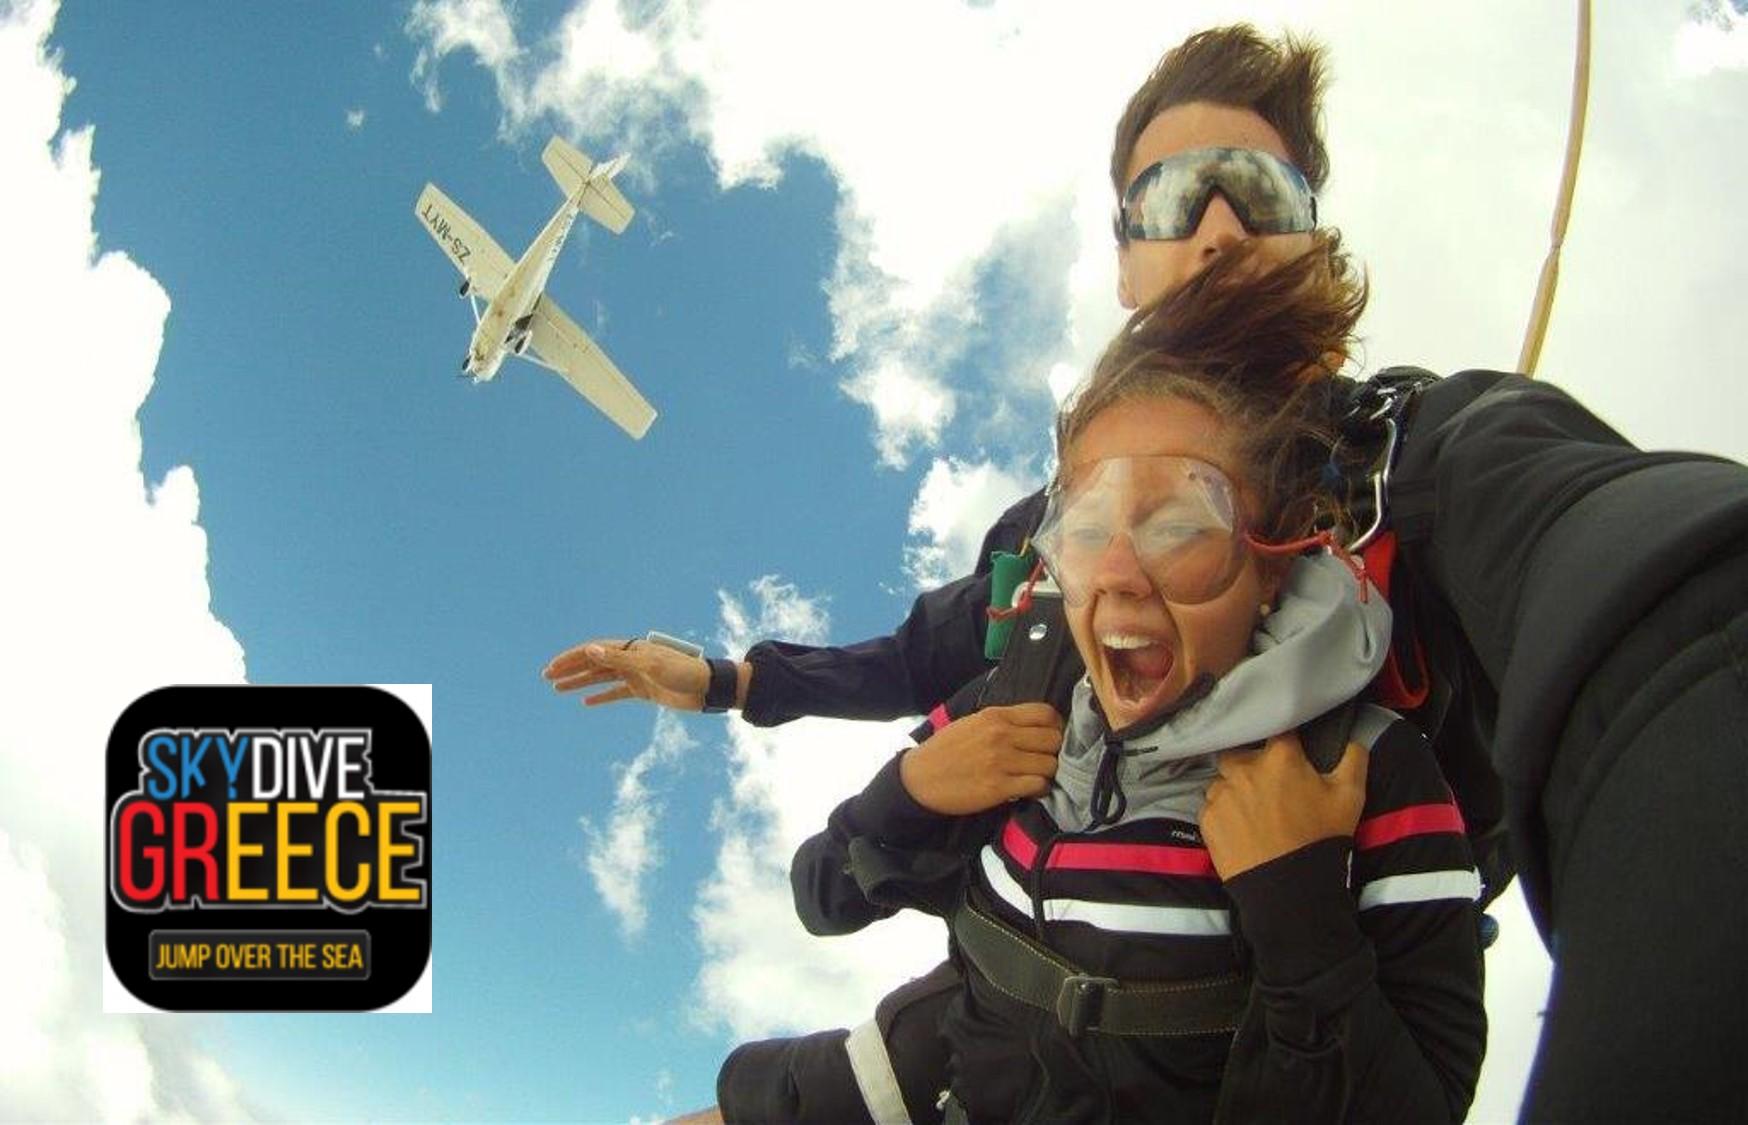 Από 135€ για Ελεύθερη Πτώση με τη μέθοδο Tandem, από 8.000 ή 12.000 πόδια, από το ''Skydive Greece'' στα Μέγαρα, 15 λεπτά από την Αθήνα! Ο γρηγορότερος και οικονομικότερος τρόπος να ΖΗΣΕΙΣ την ελεύθερη πτώση